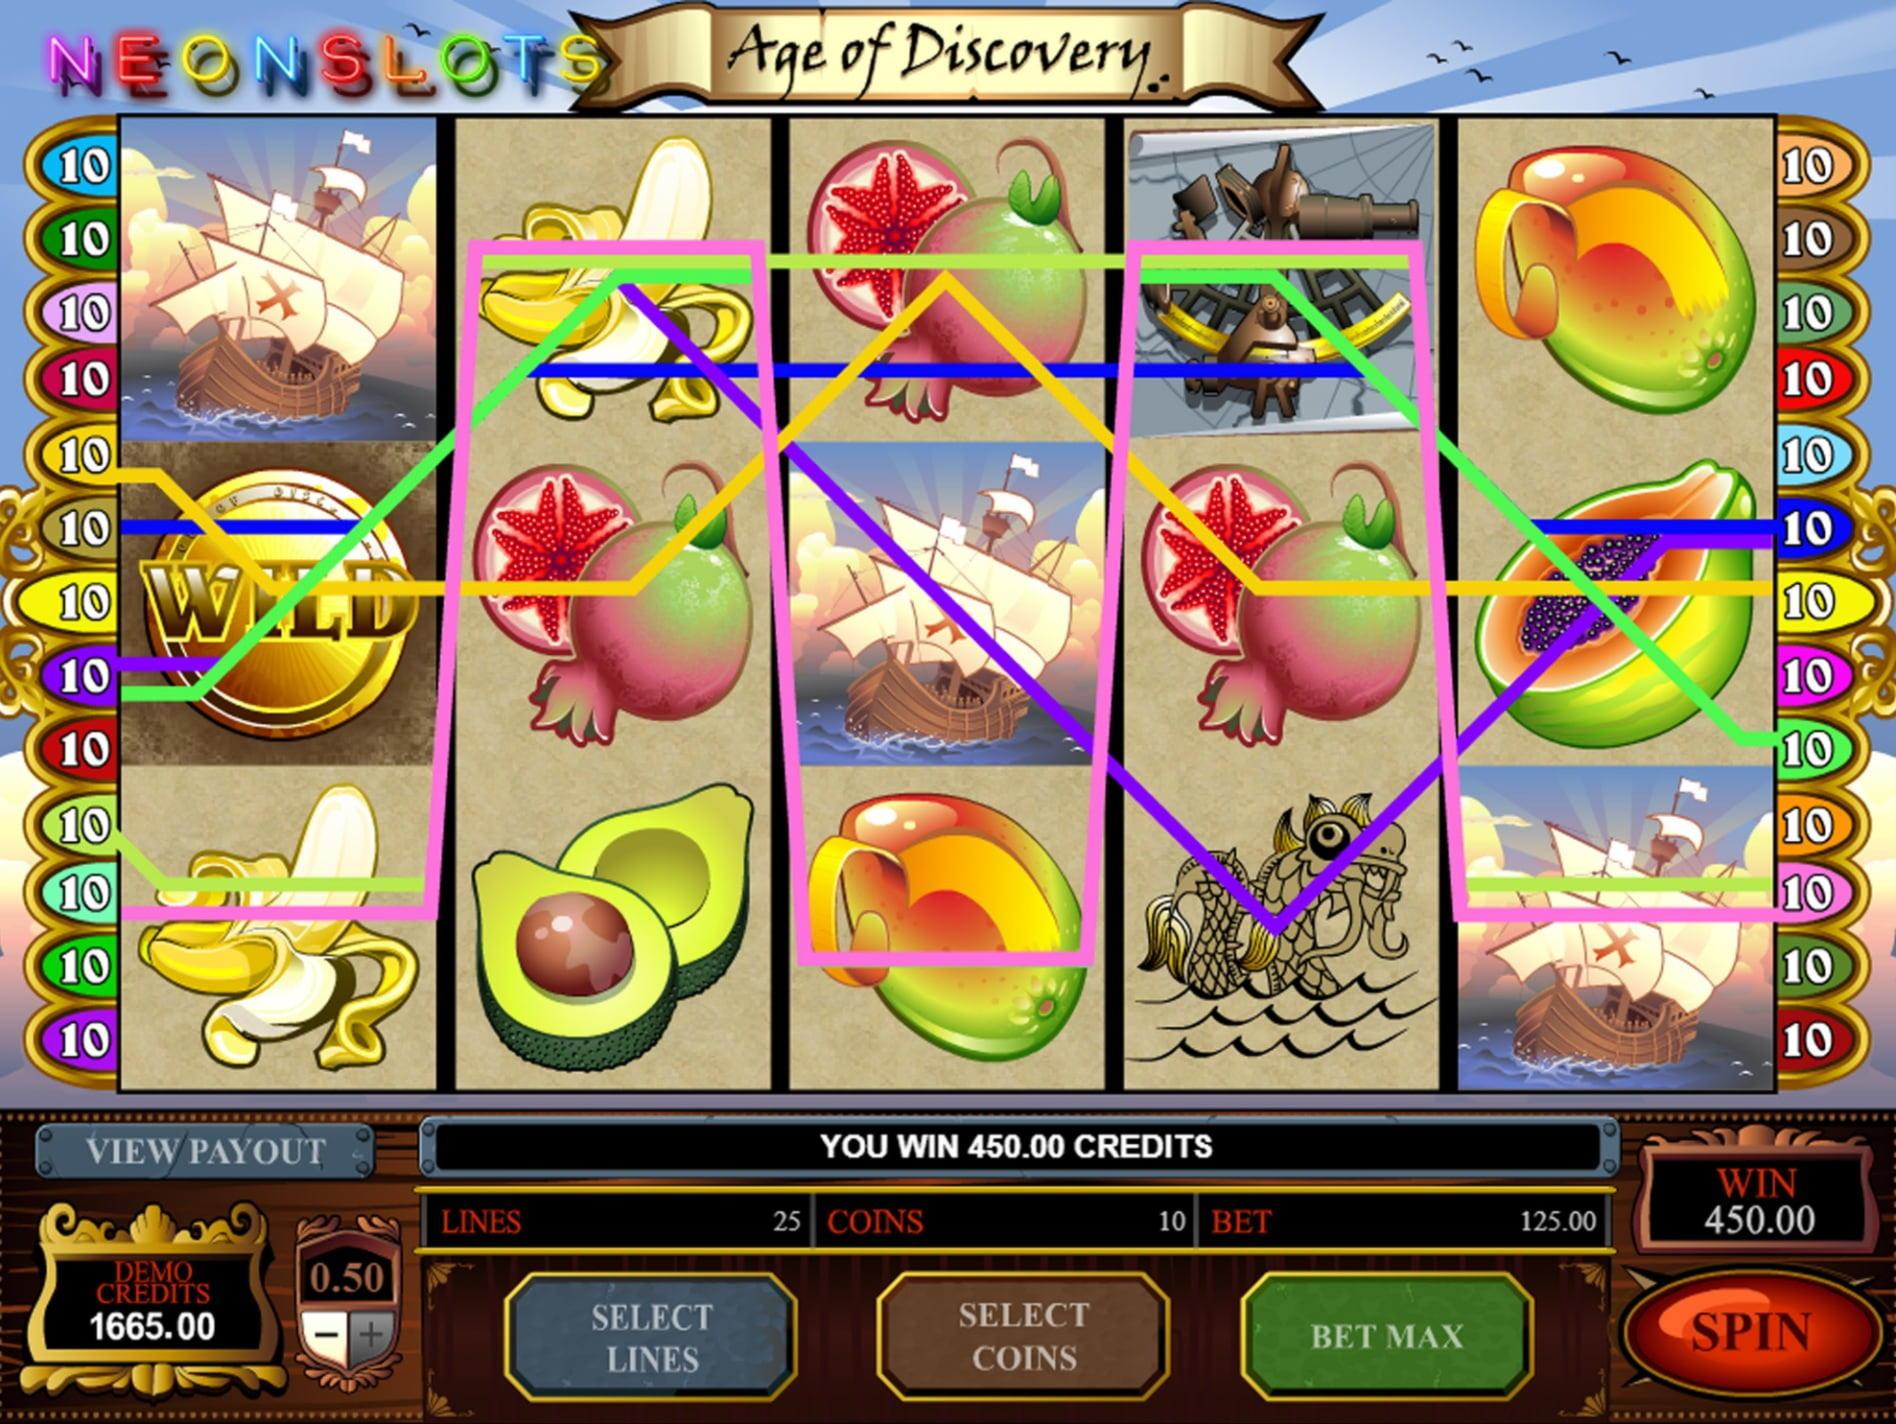 EURO 685 Tournament at Joy Casino